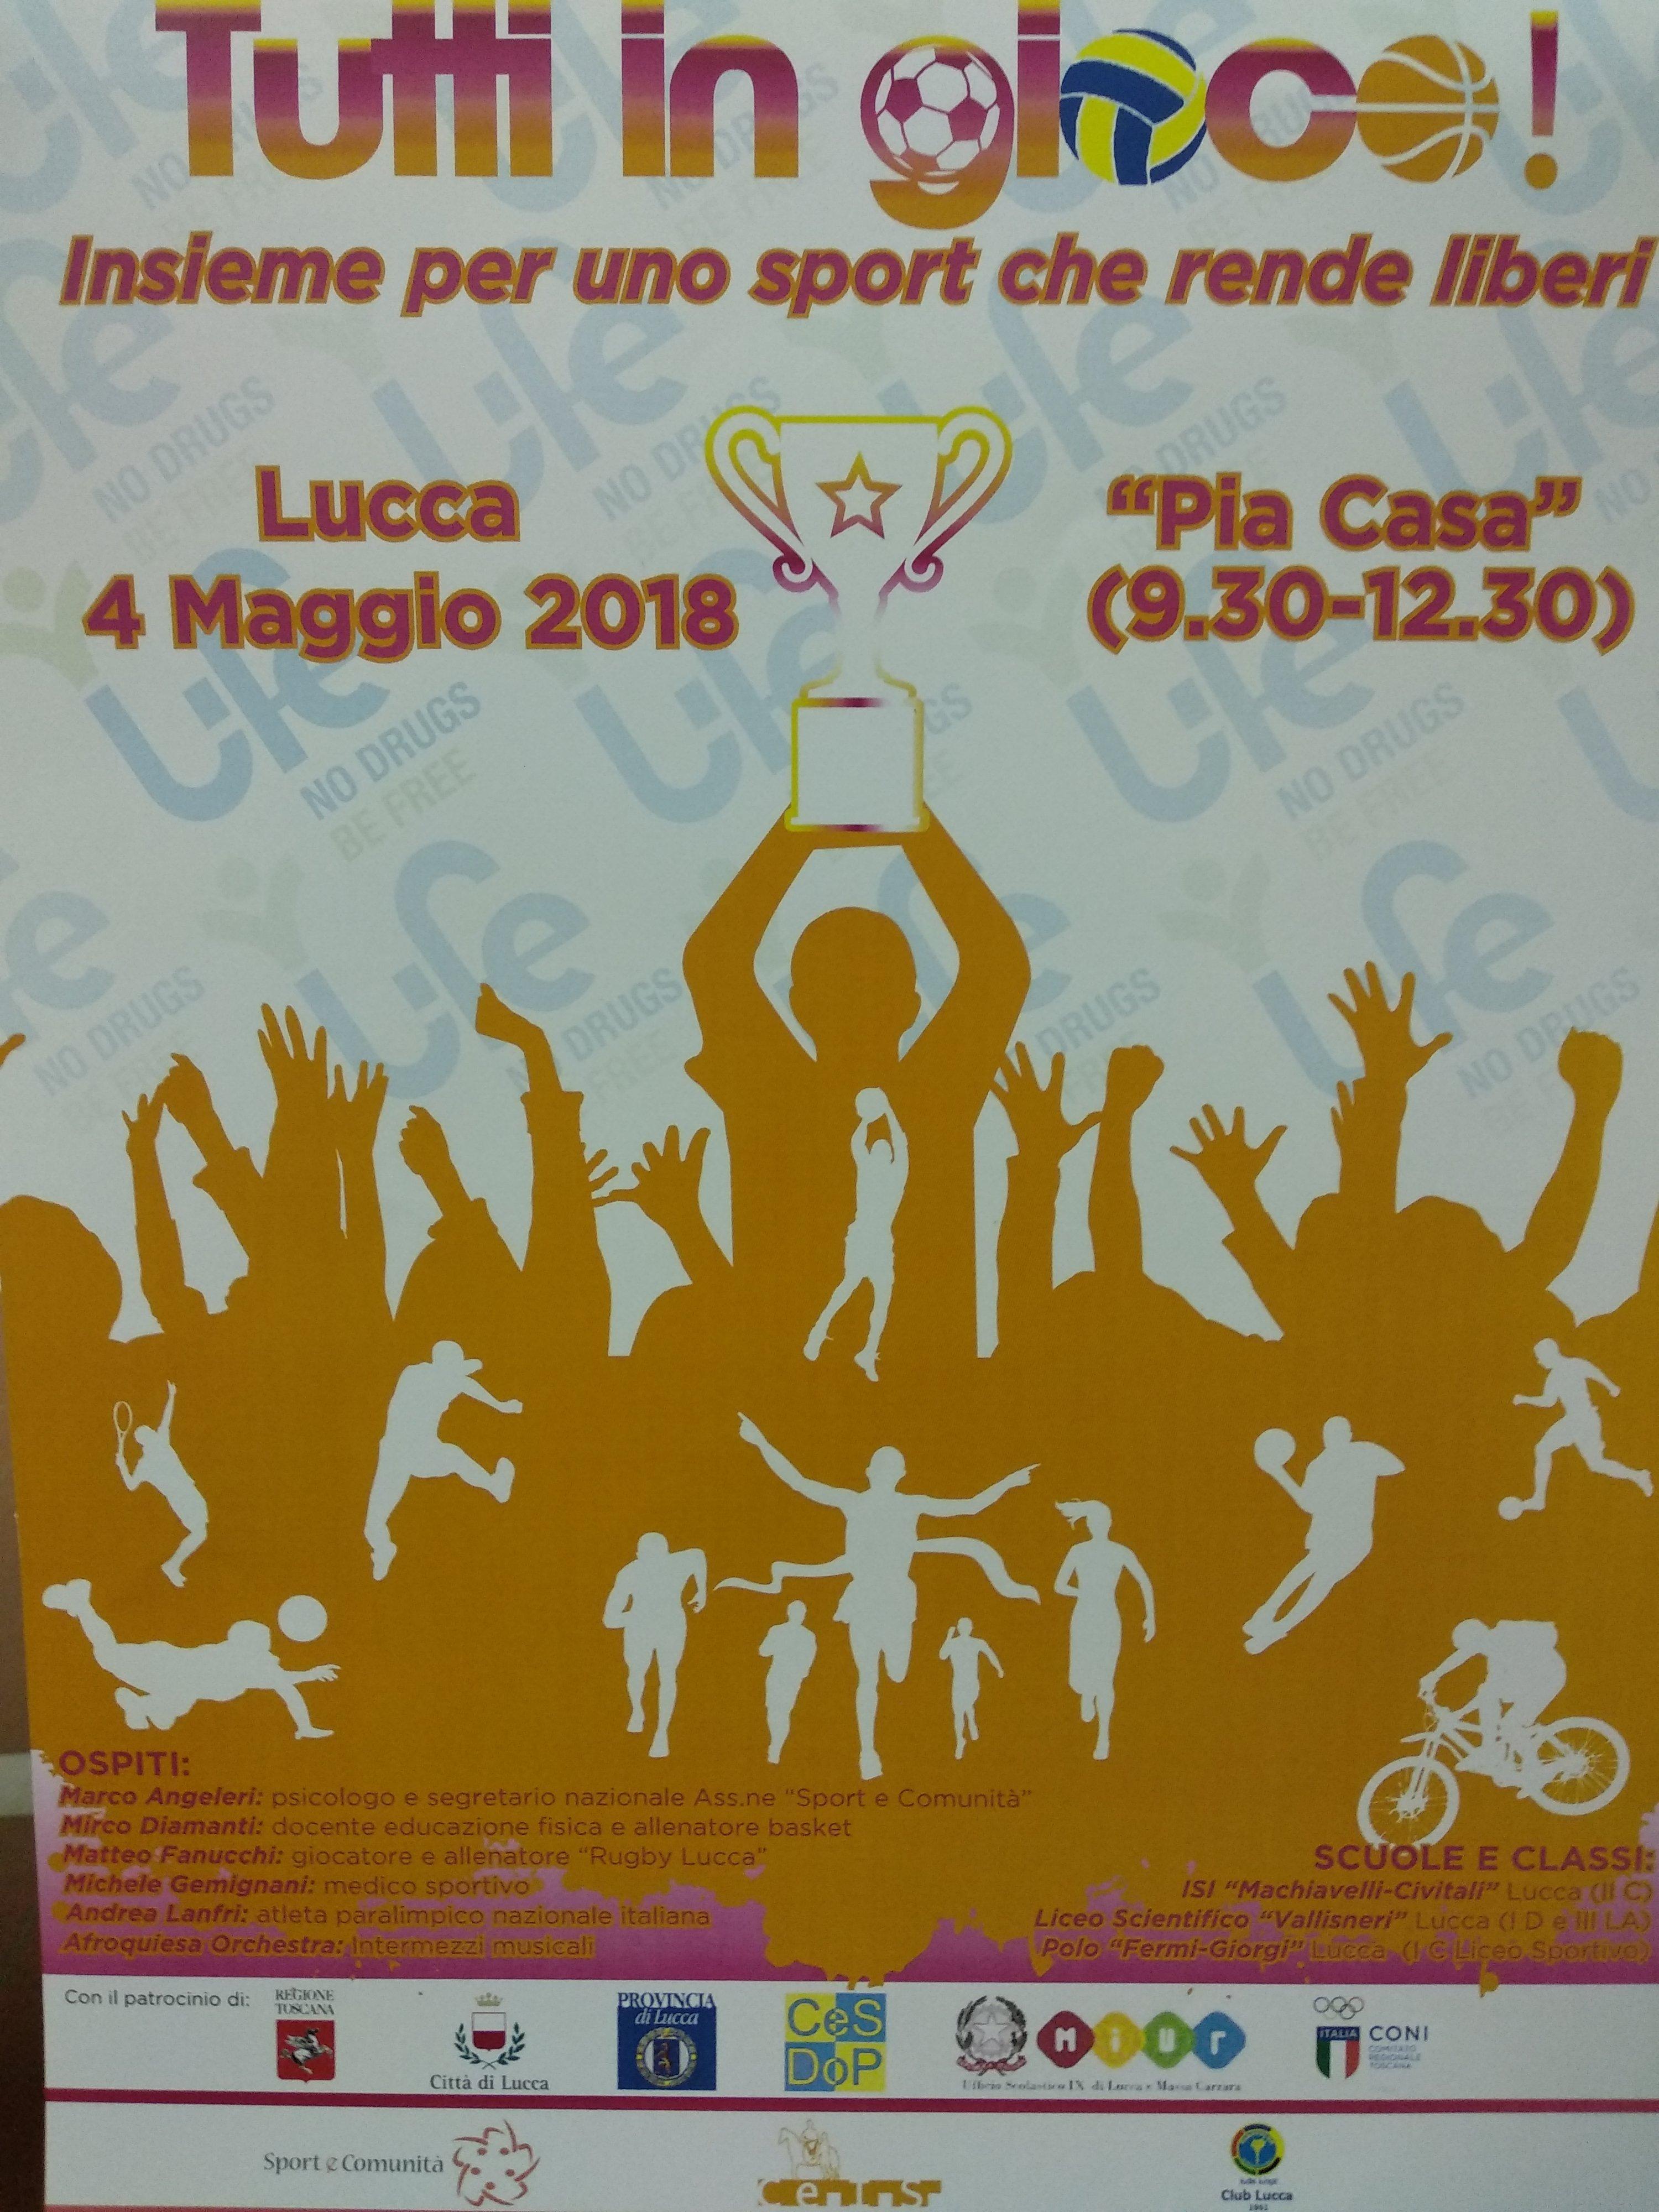 Lucca-Tutti in gioco!